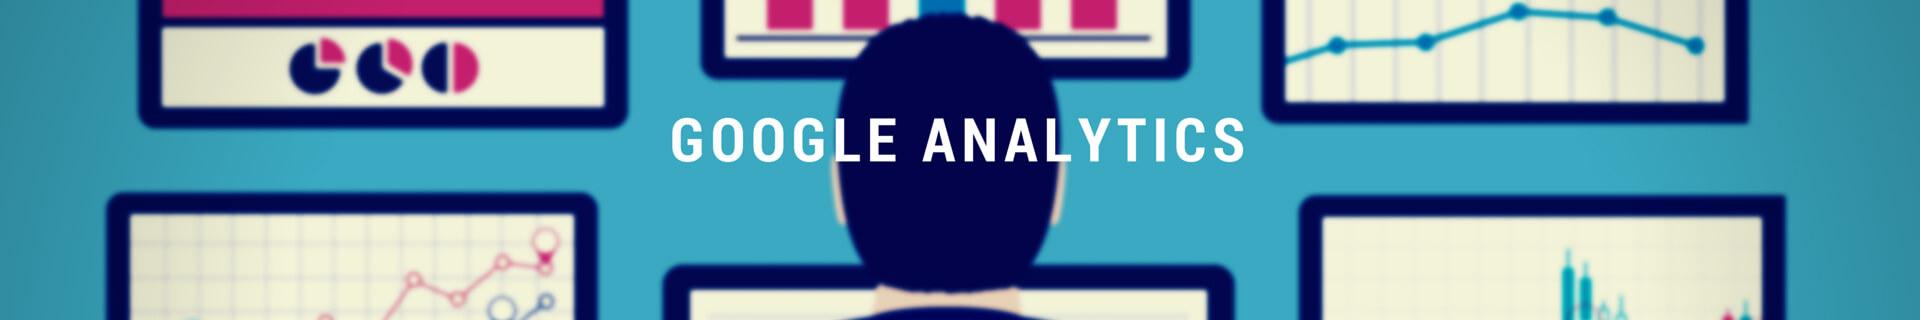 slider-googleanalytics